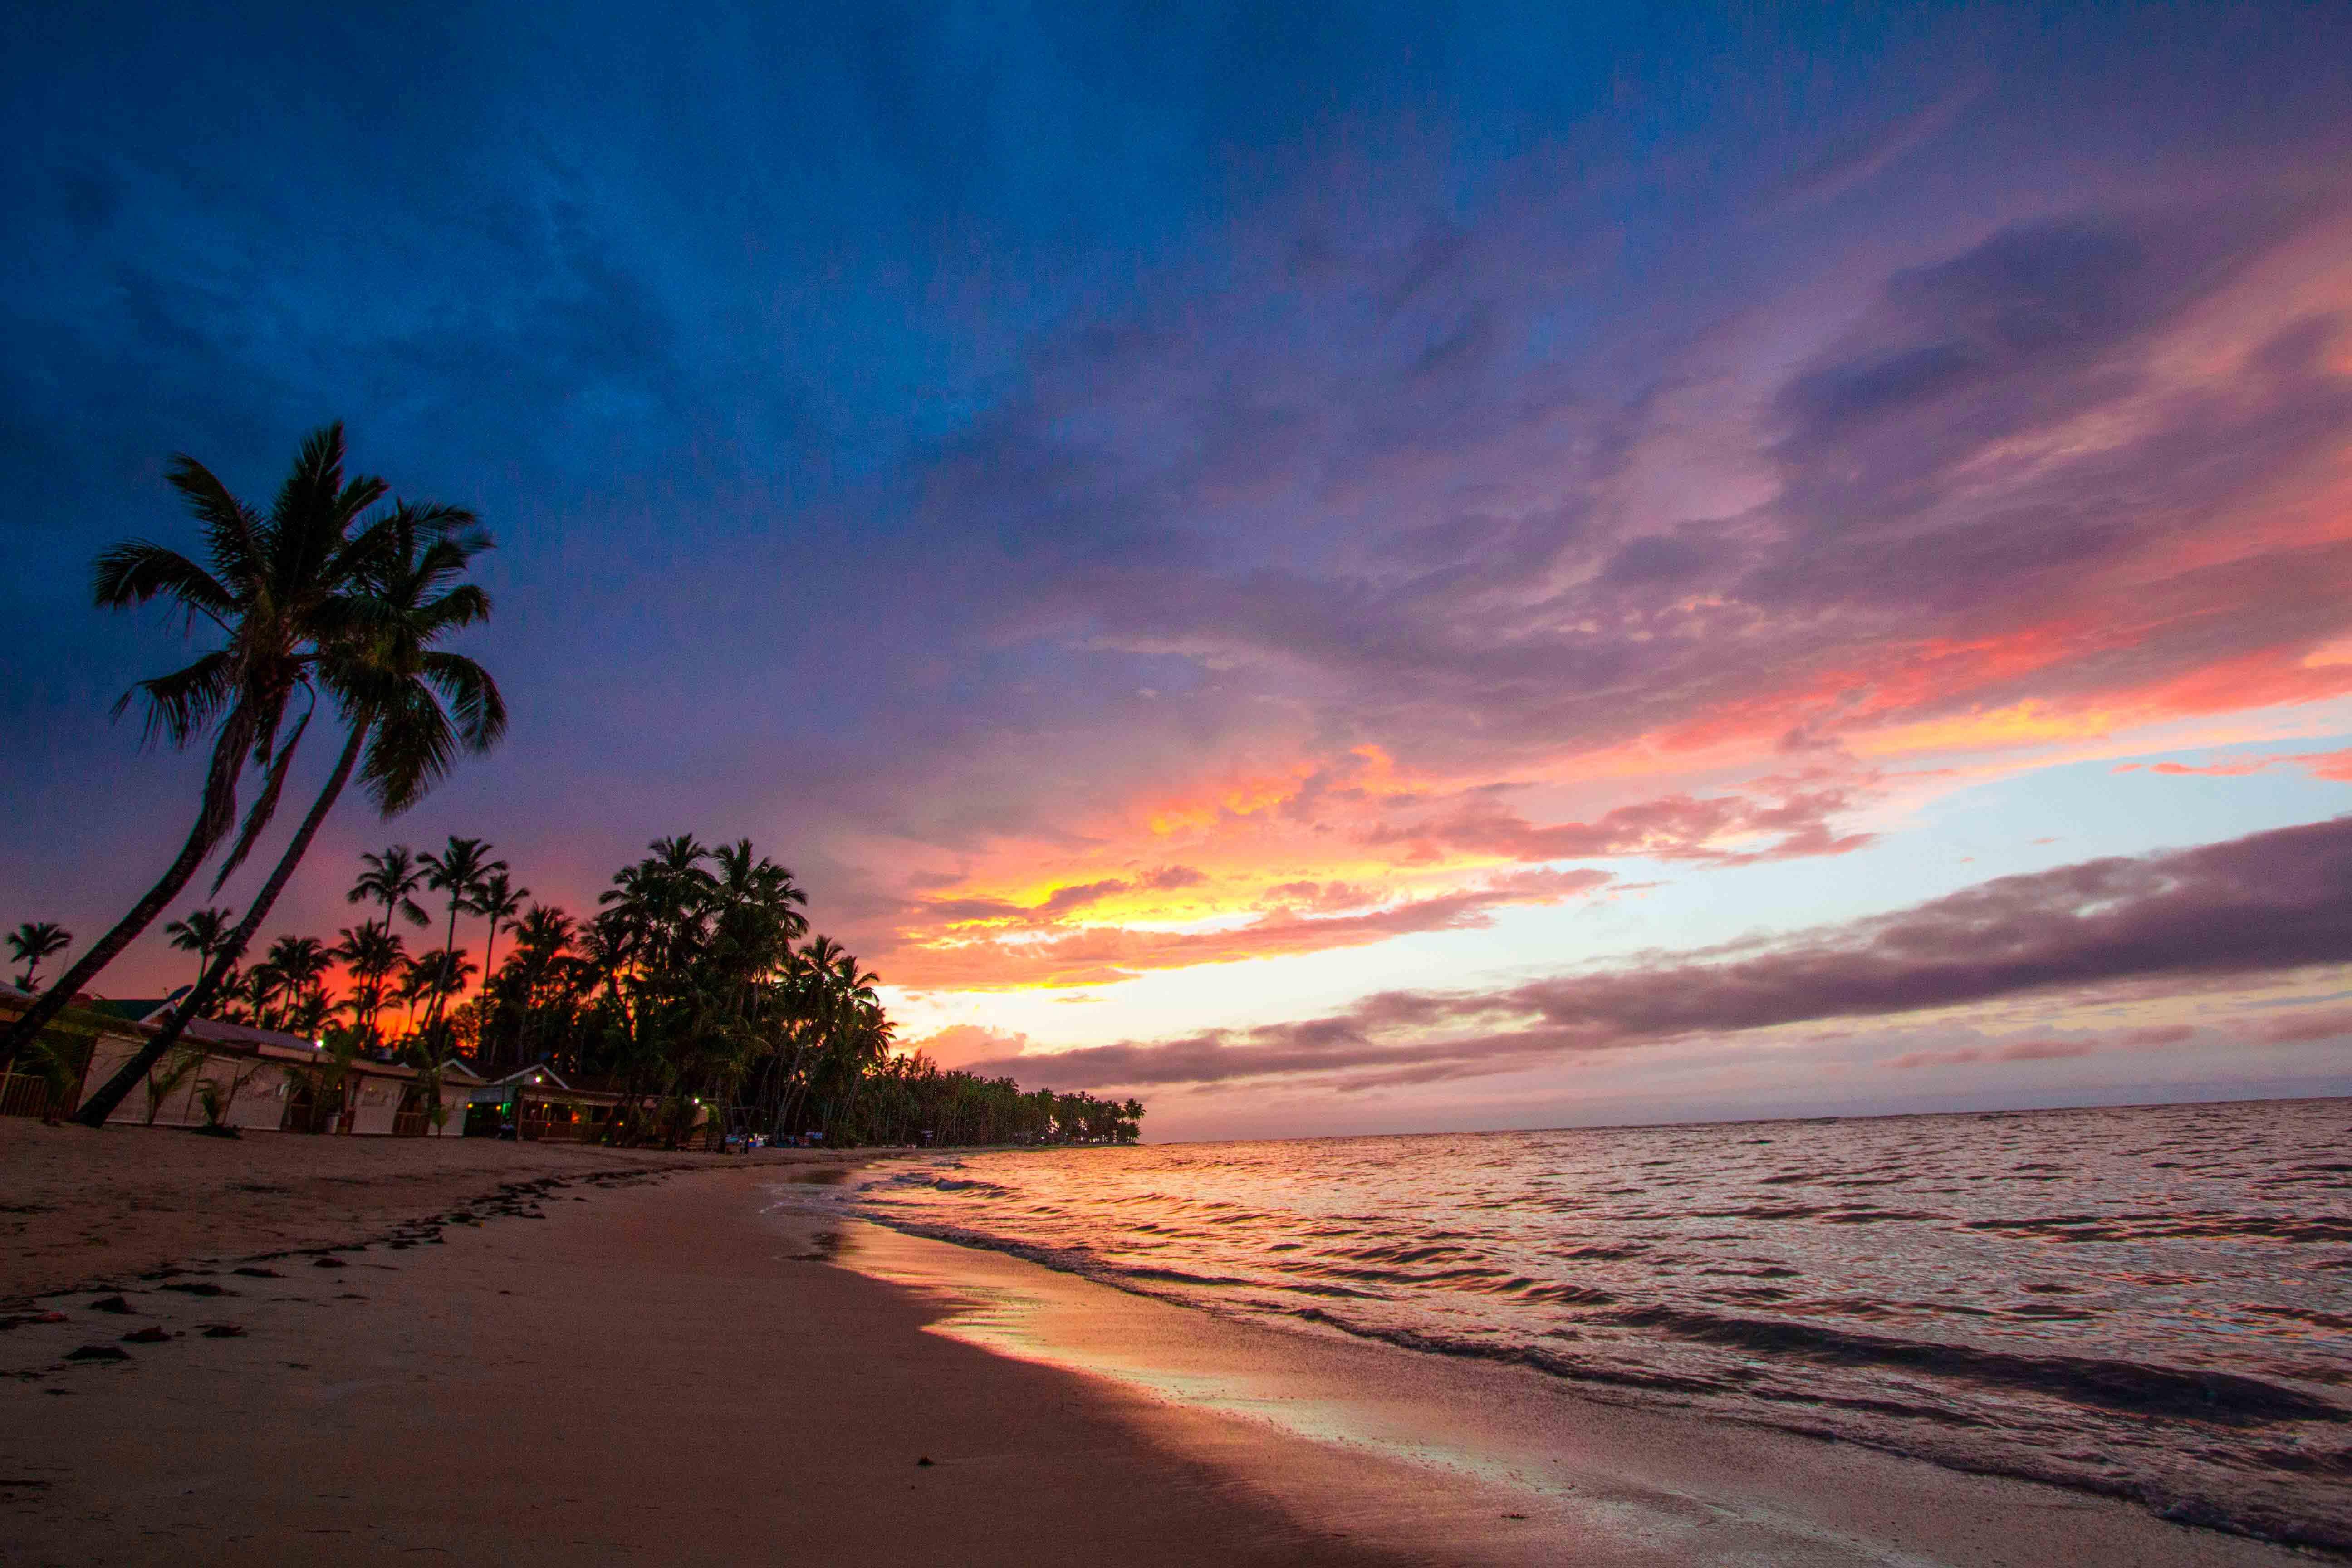 República Dominicana extiende seguro médico gratuito para turistas hasta el 31 de marzo de 2021